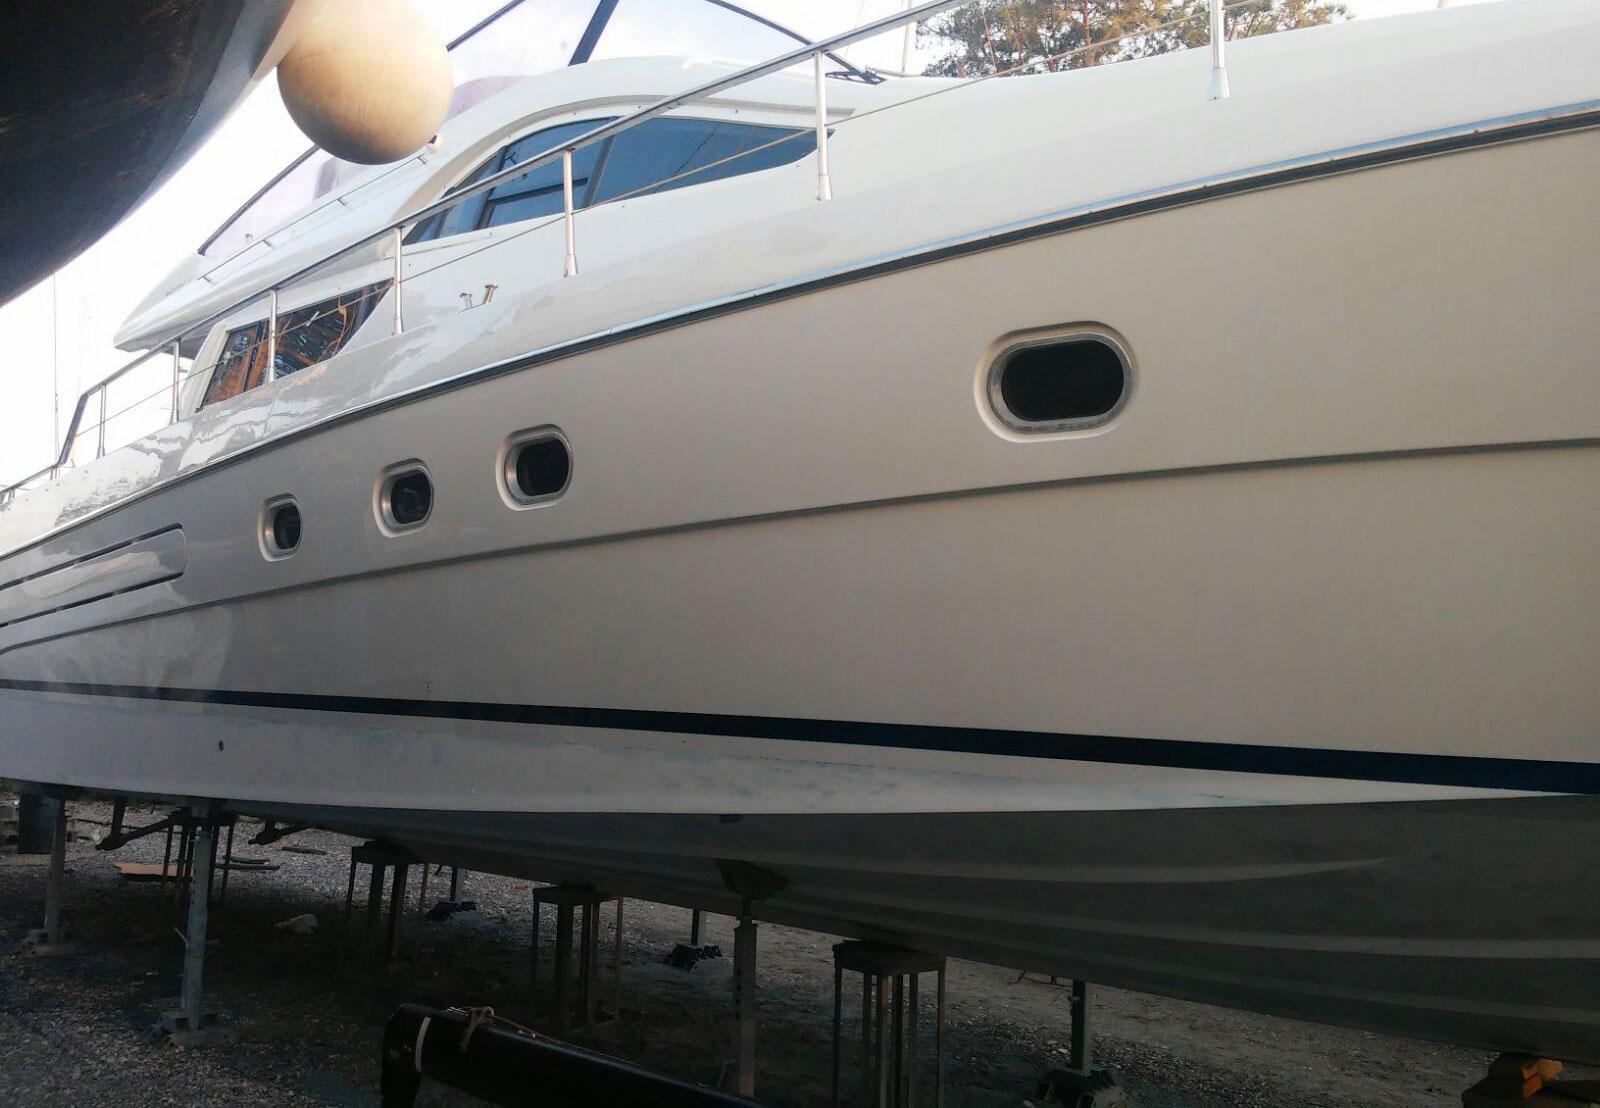 Imbarcazione Dopo la Lucidatura